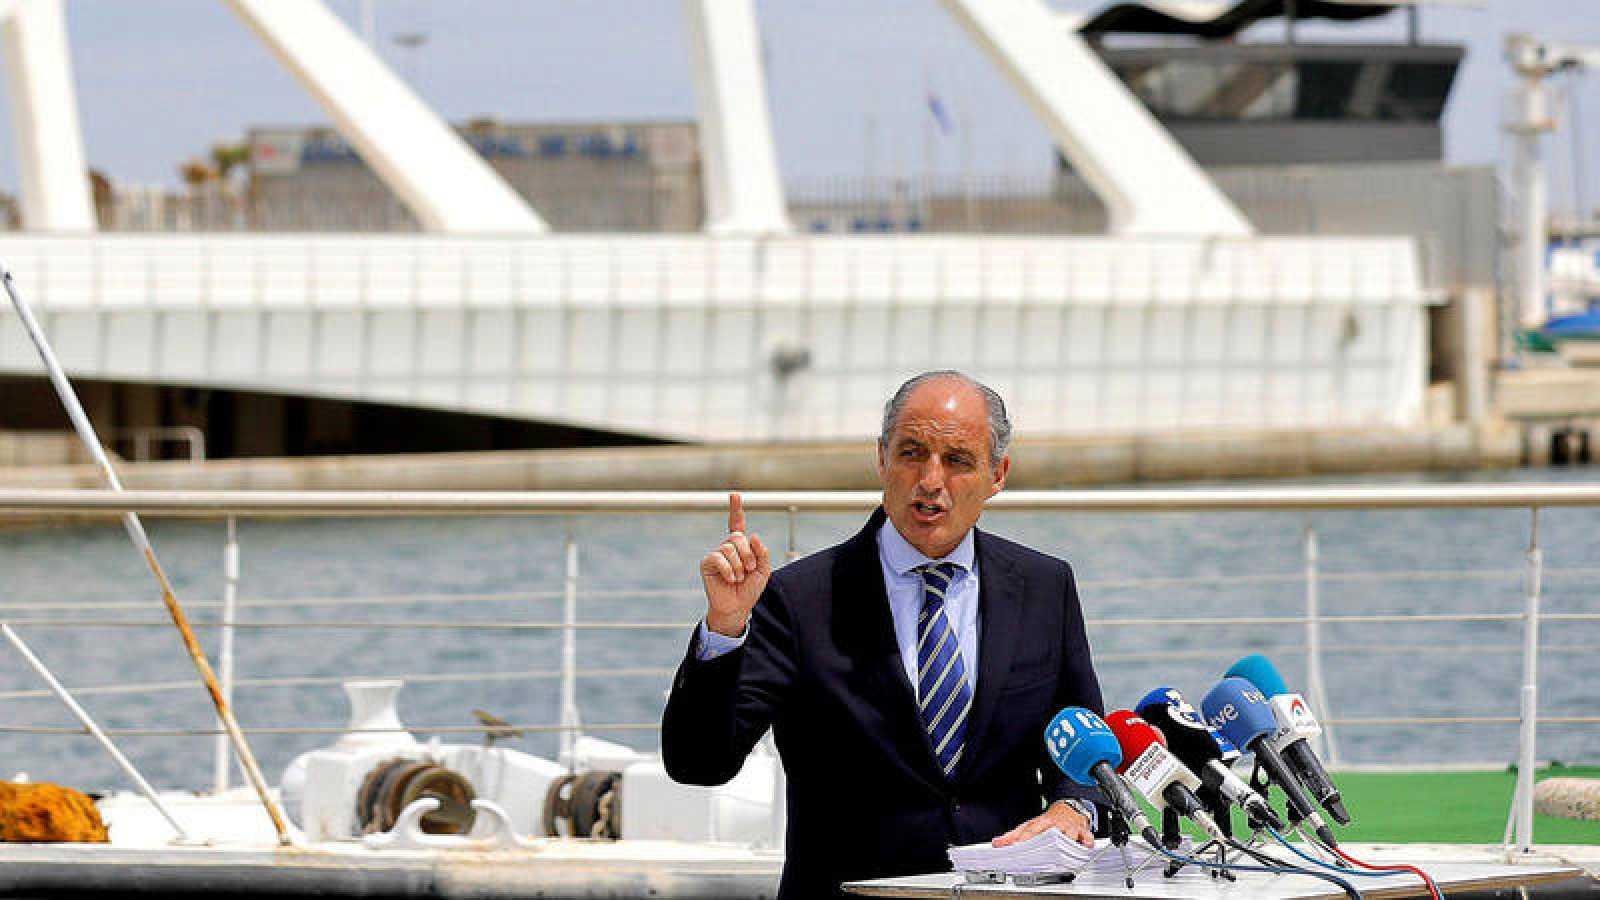 El expresidente de la Generalitat ha anunciado que se quererallá contra la jueza que le ha procesado